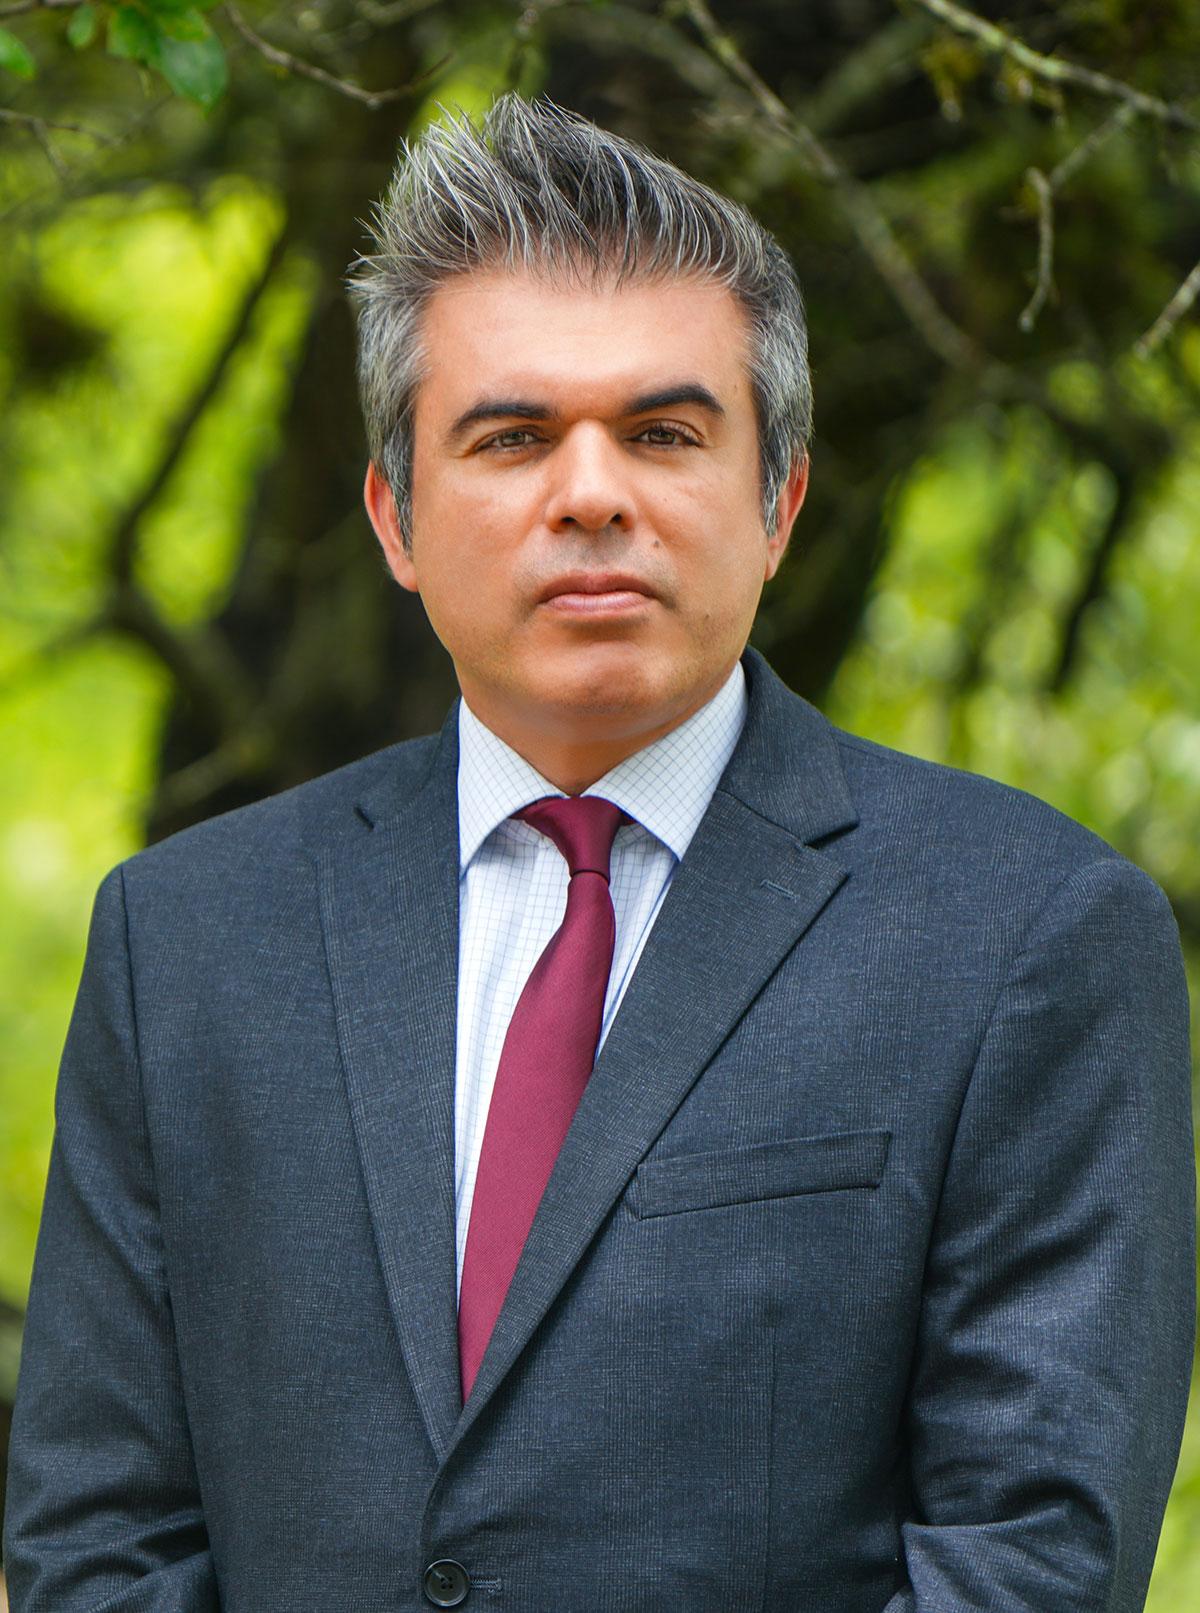 Hooman Khoshnood